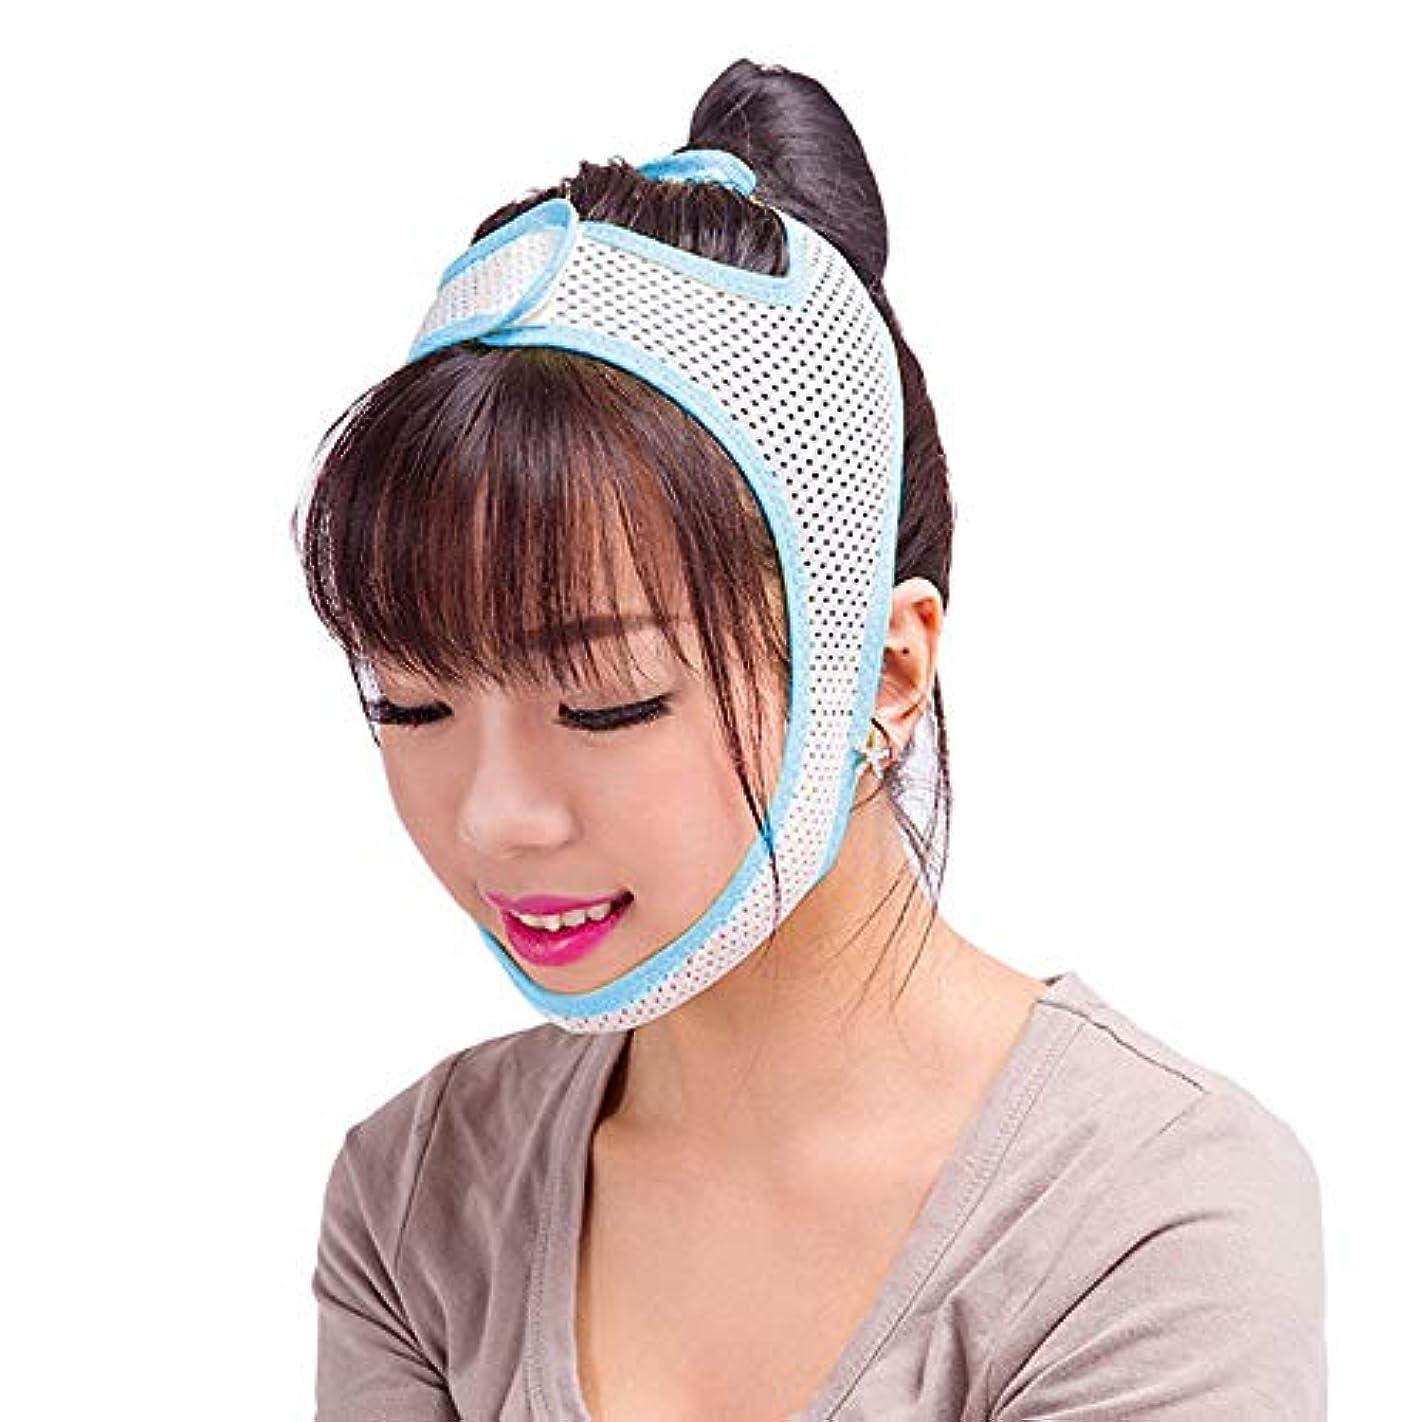 抵抗力があるペルメル脅迫超薄型の フェイスリフト包帯、フェイスリフトマスク付き/プル二重あご咬合法則パターン(青と白),M